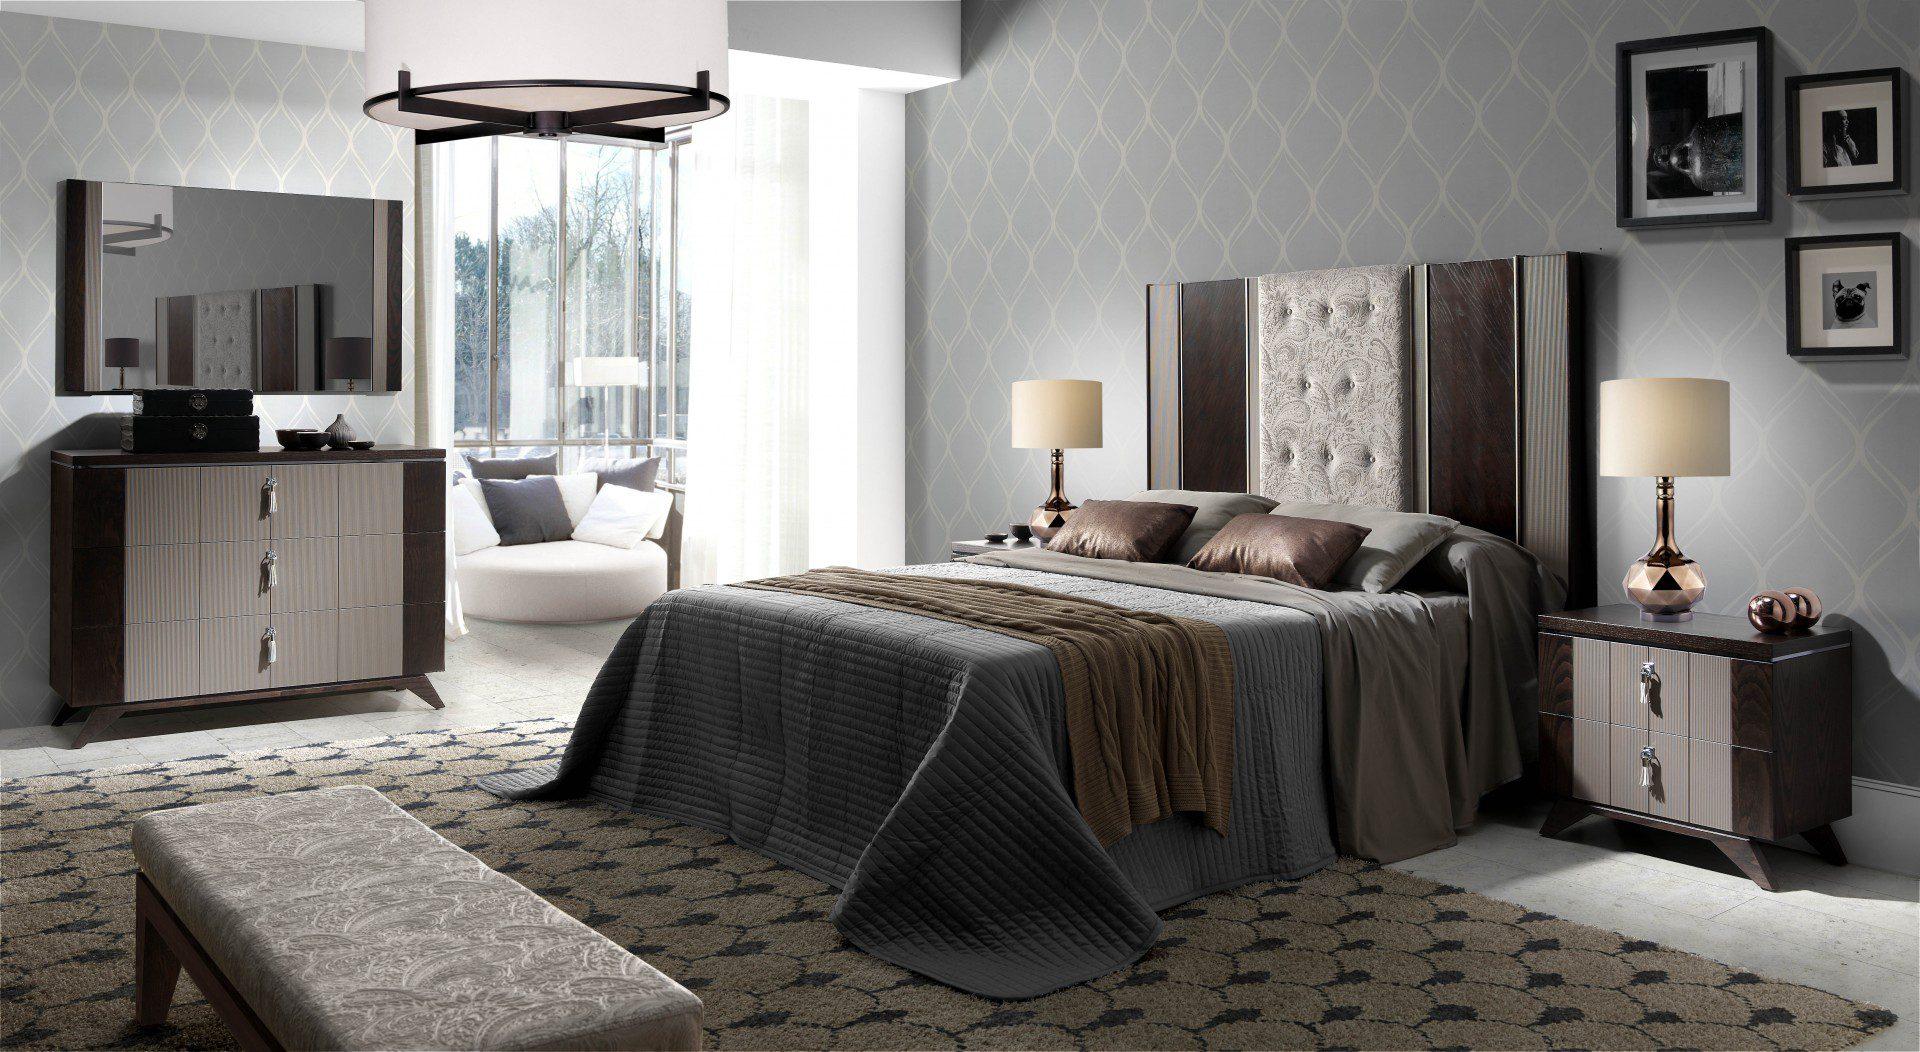 Dormitorio inedit 12 tienda de muebles lucama interiorismo - Interiorismo dormitorios ...